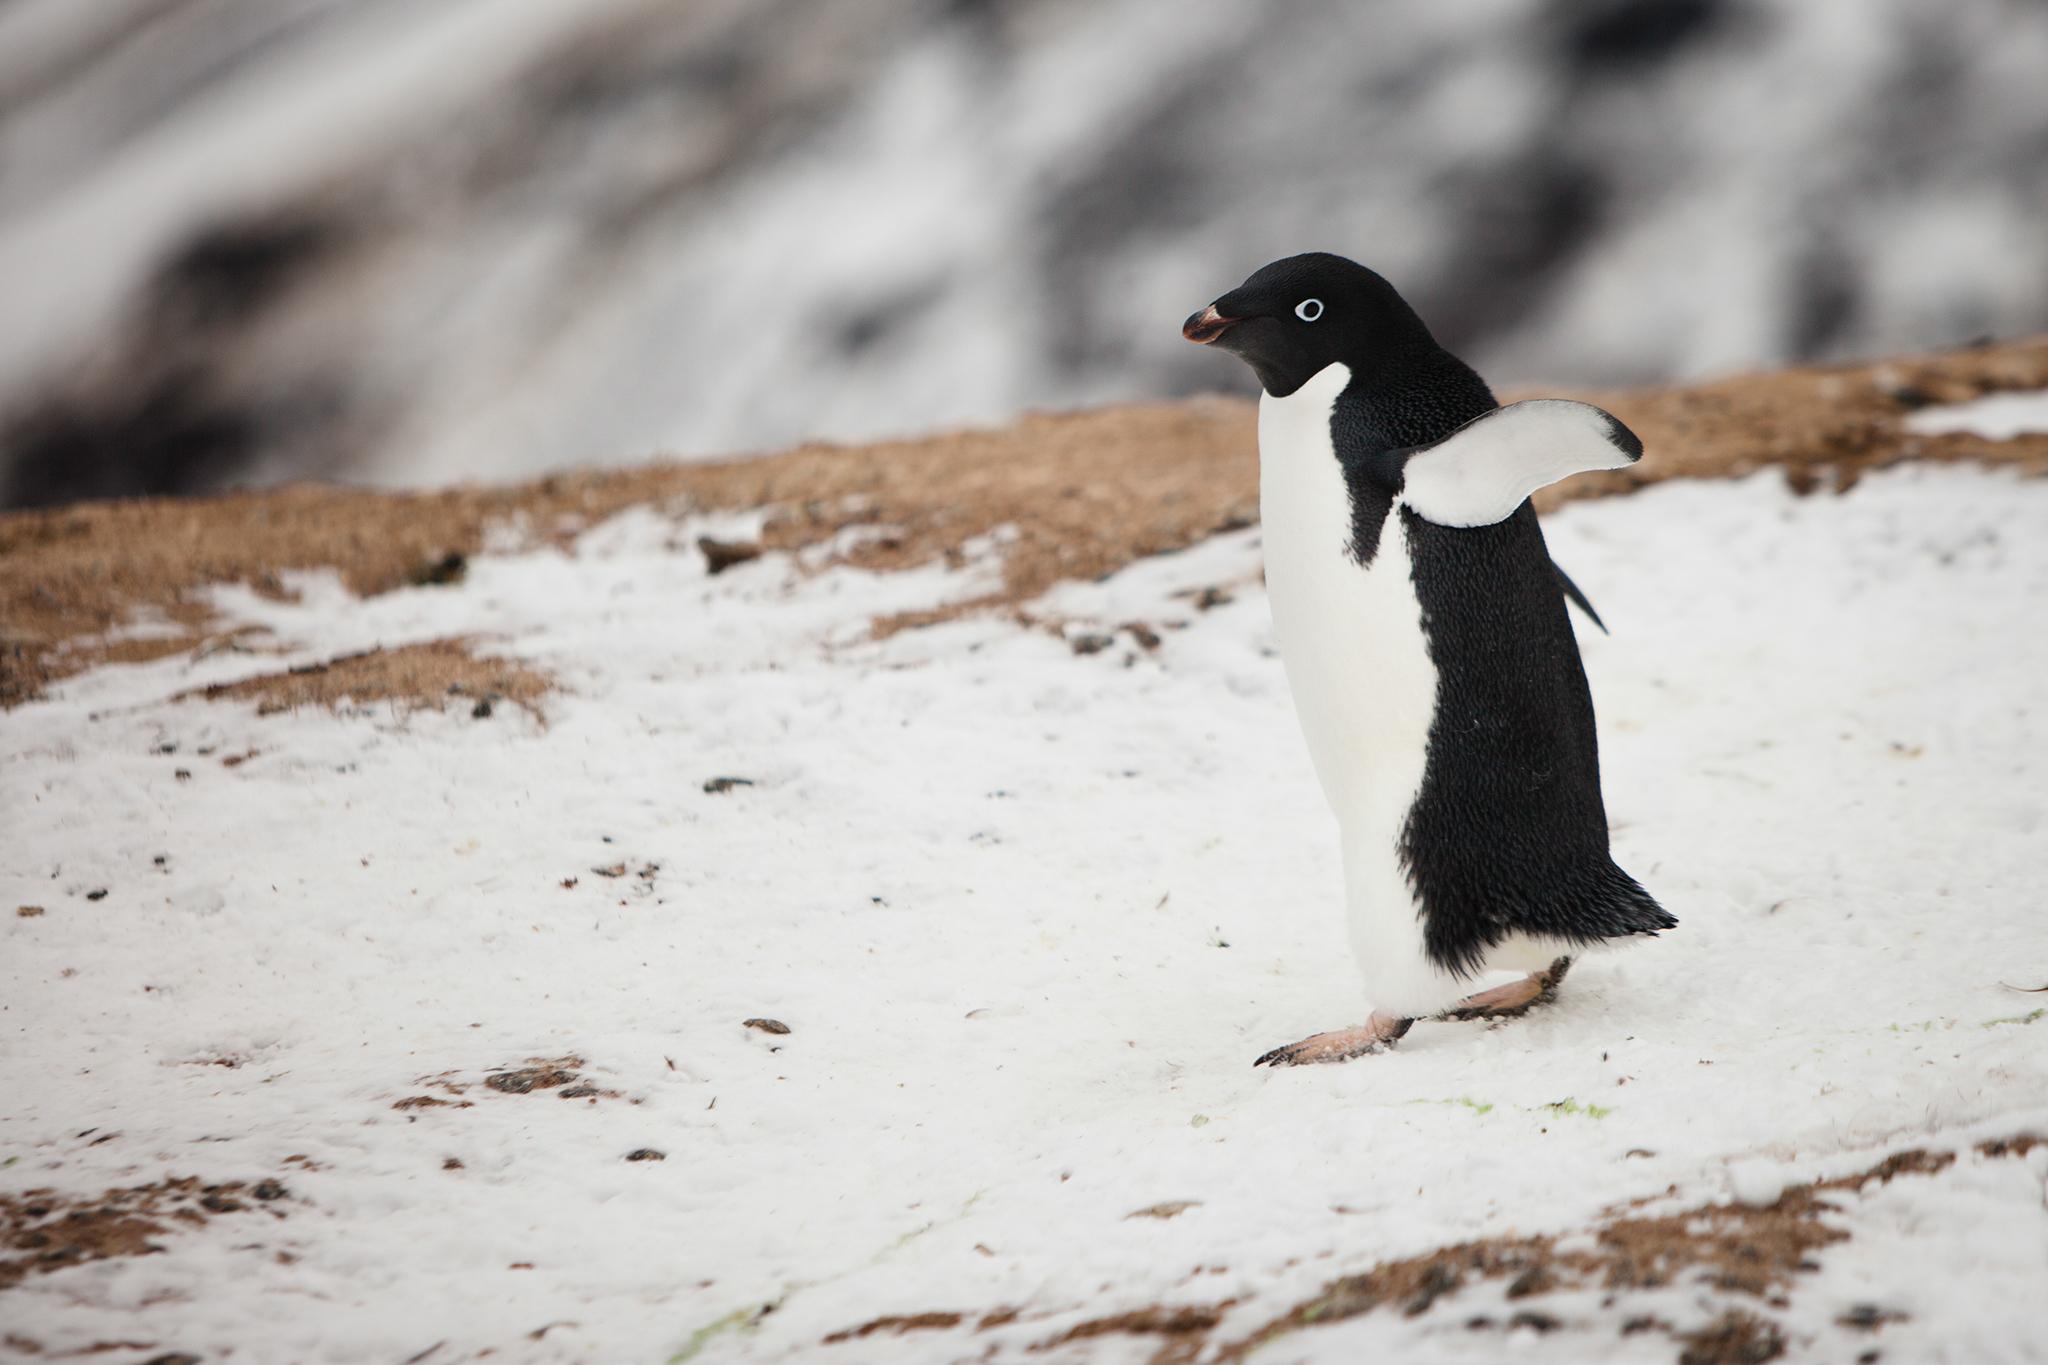 006-TW-Antarctica-140305.jpg